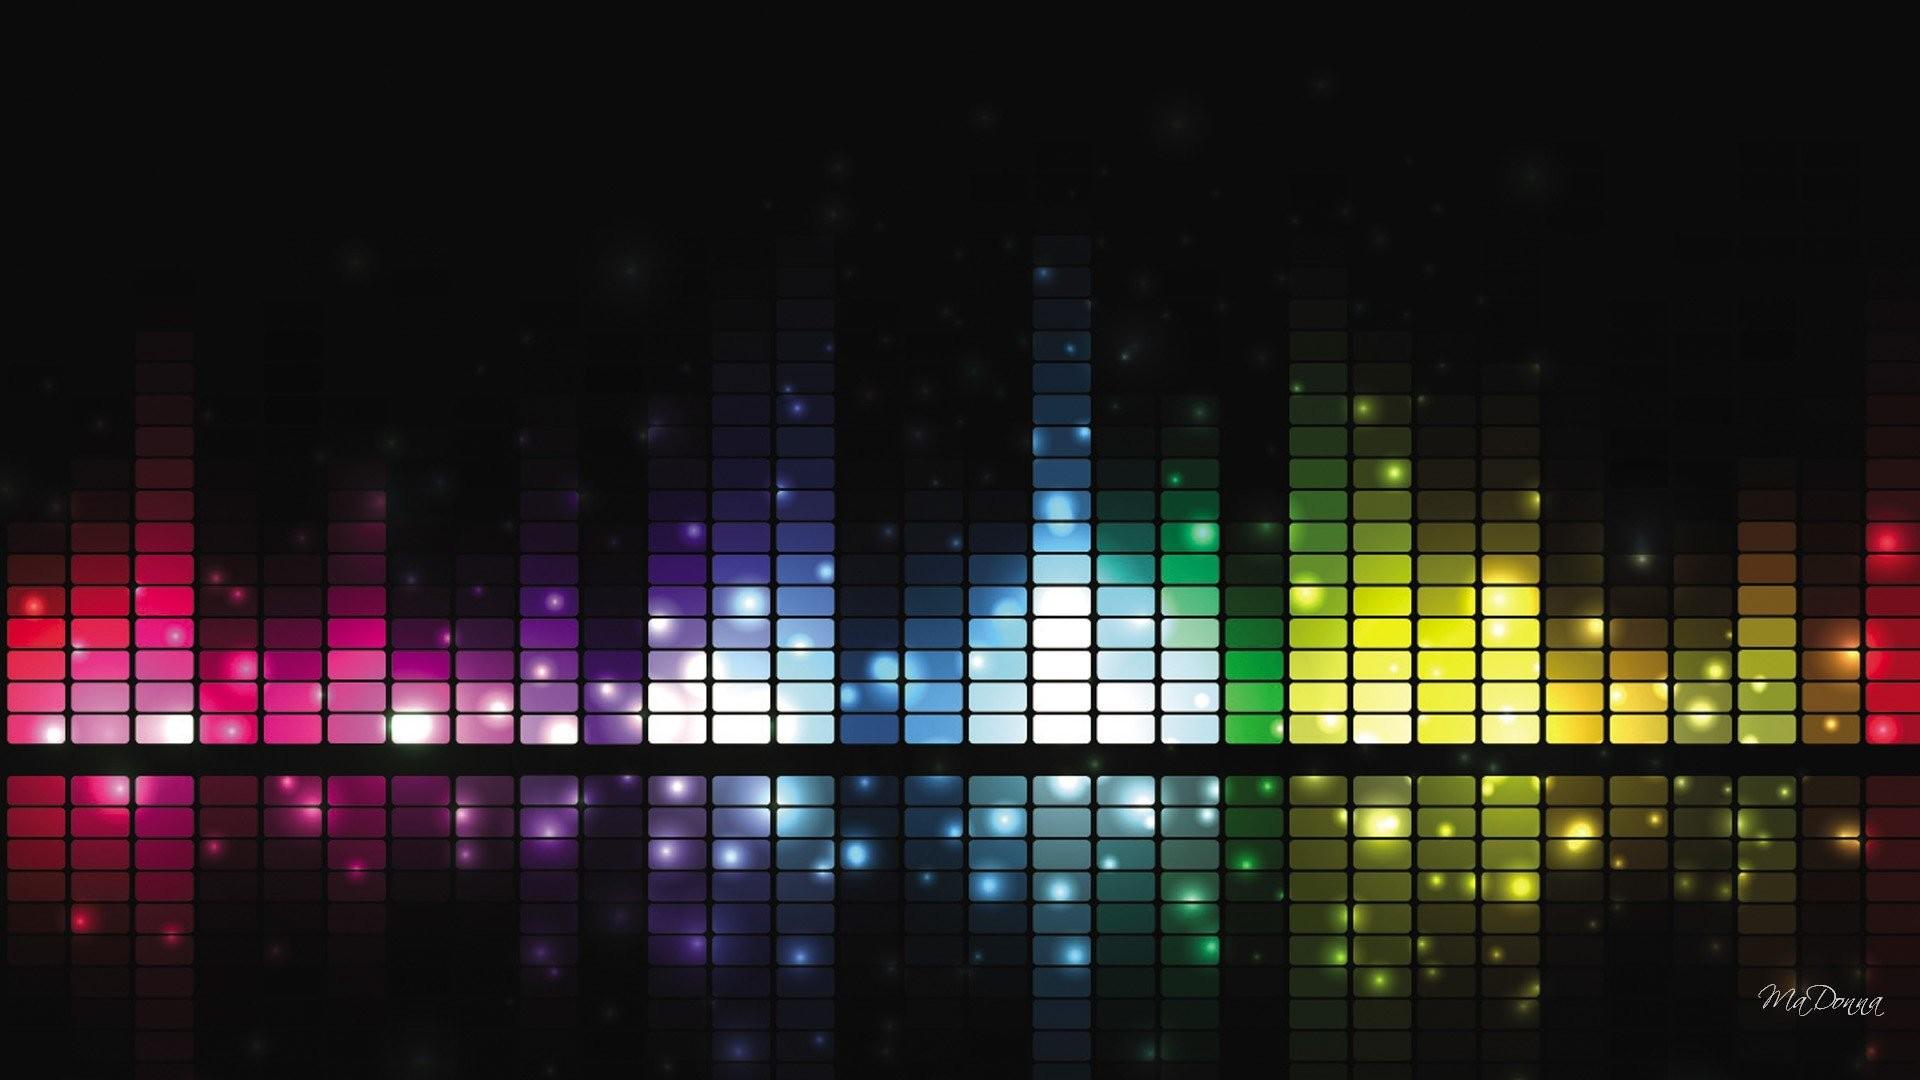 Download Free 3d Music Equalizer Wallpapers Hd: Sfondi Particolari (65+ Immagini